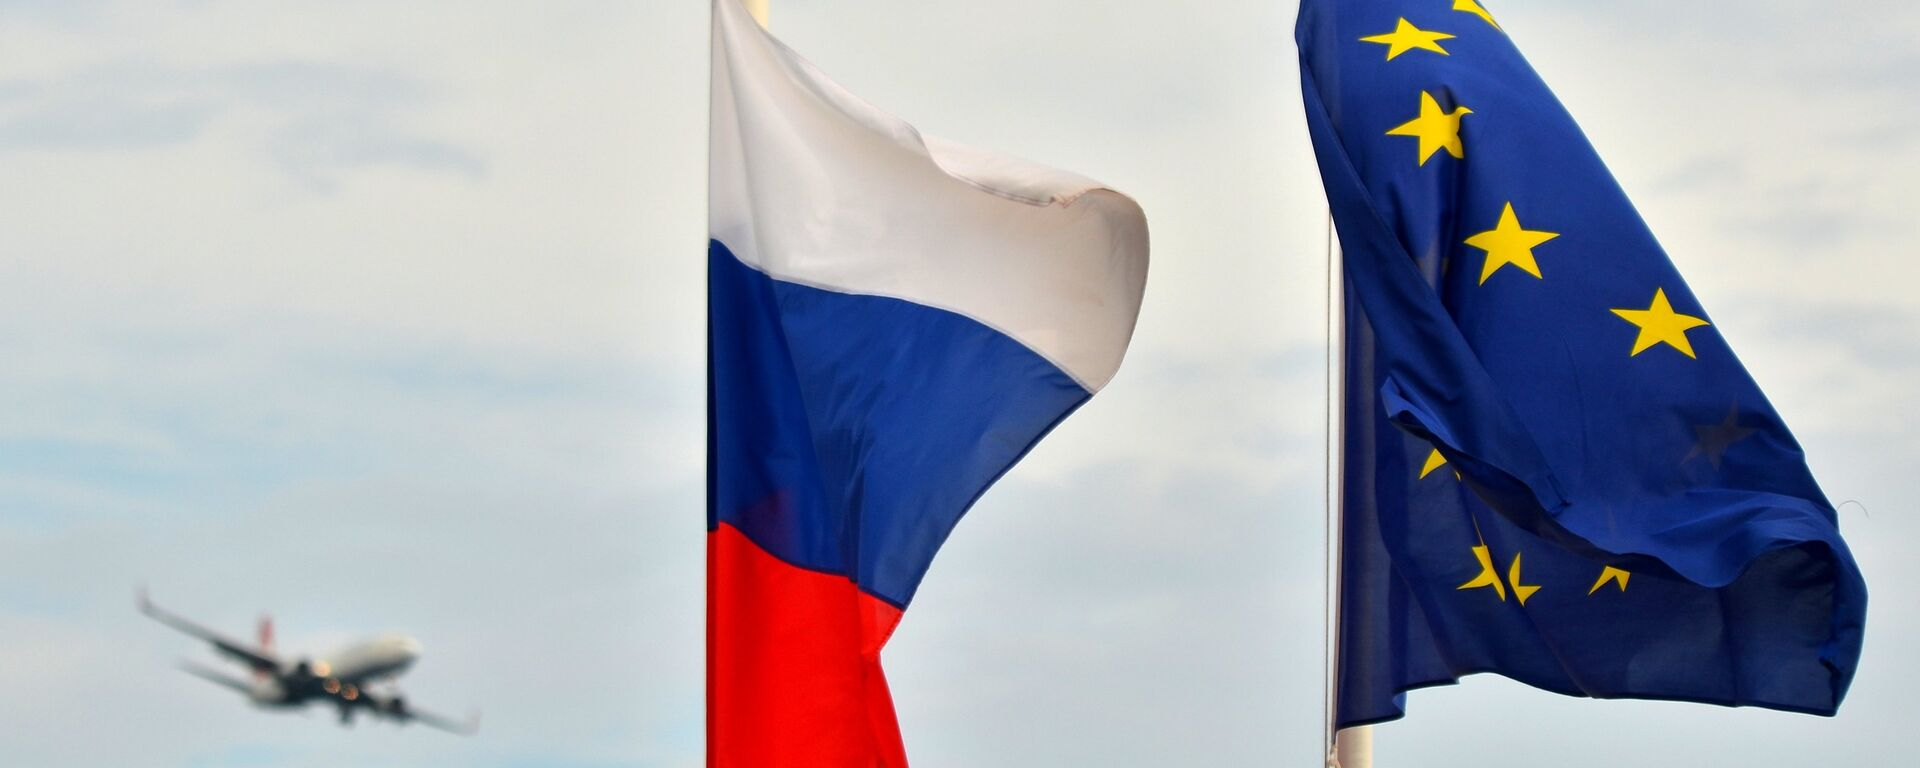 Флаги России, ЕС, Франции и герб Ниццы на набережной Ниццы - Sputnik Ўзбекистон, 1920, 25.12.2019